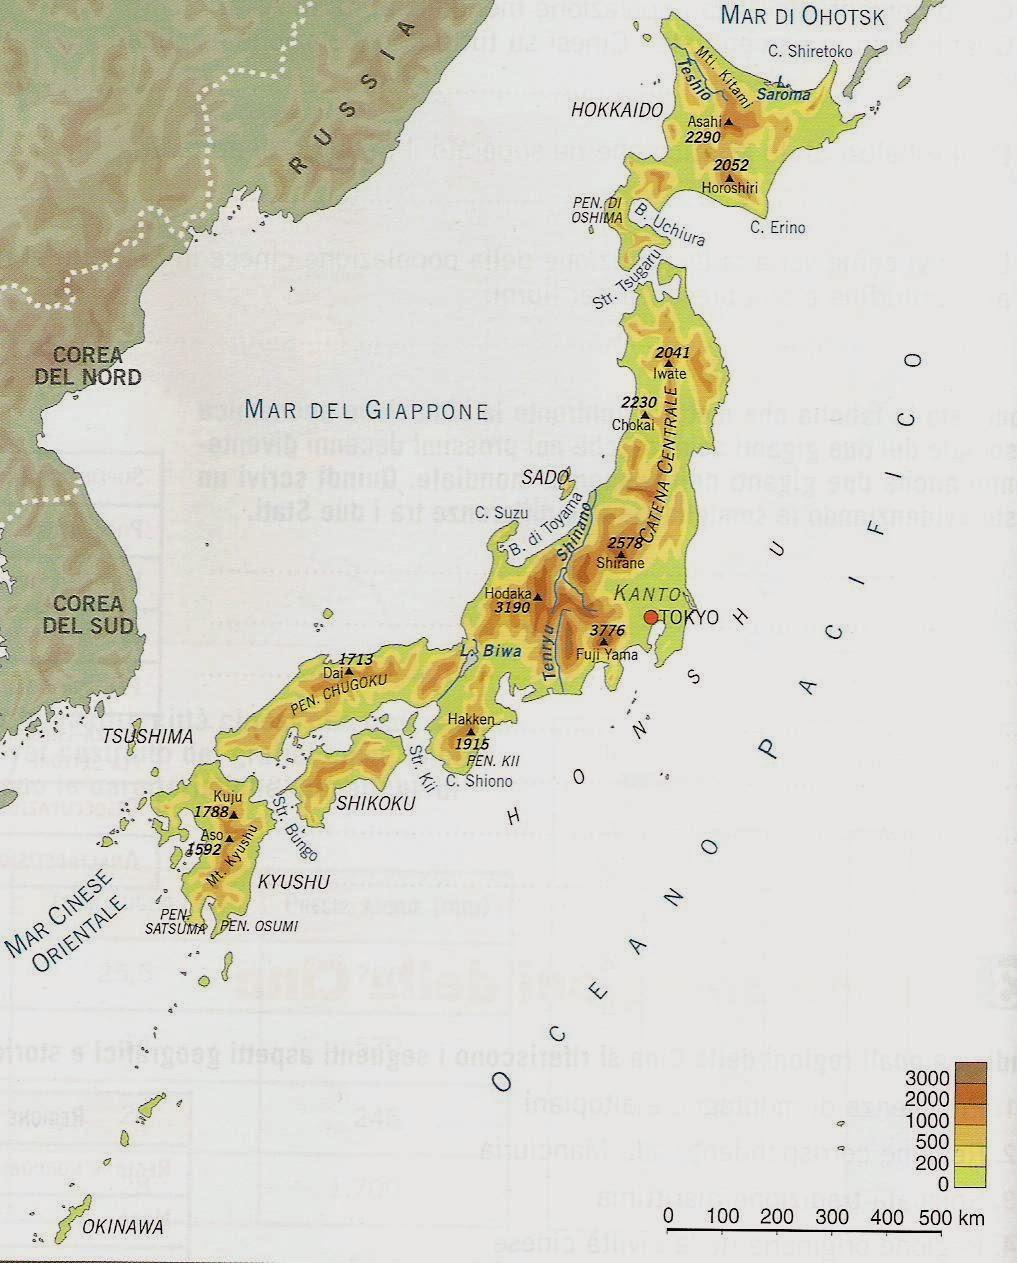 Cartina Muta Del Giappone.Cartina Giappone Da Stampare Stampae Colorare